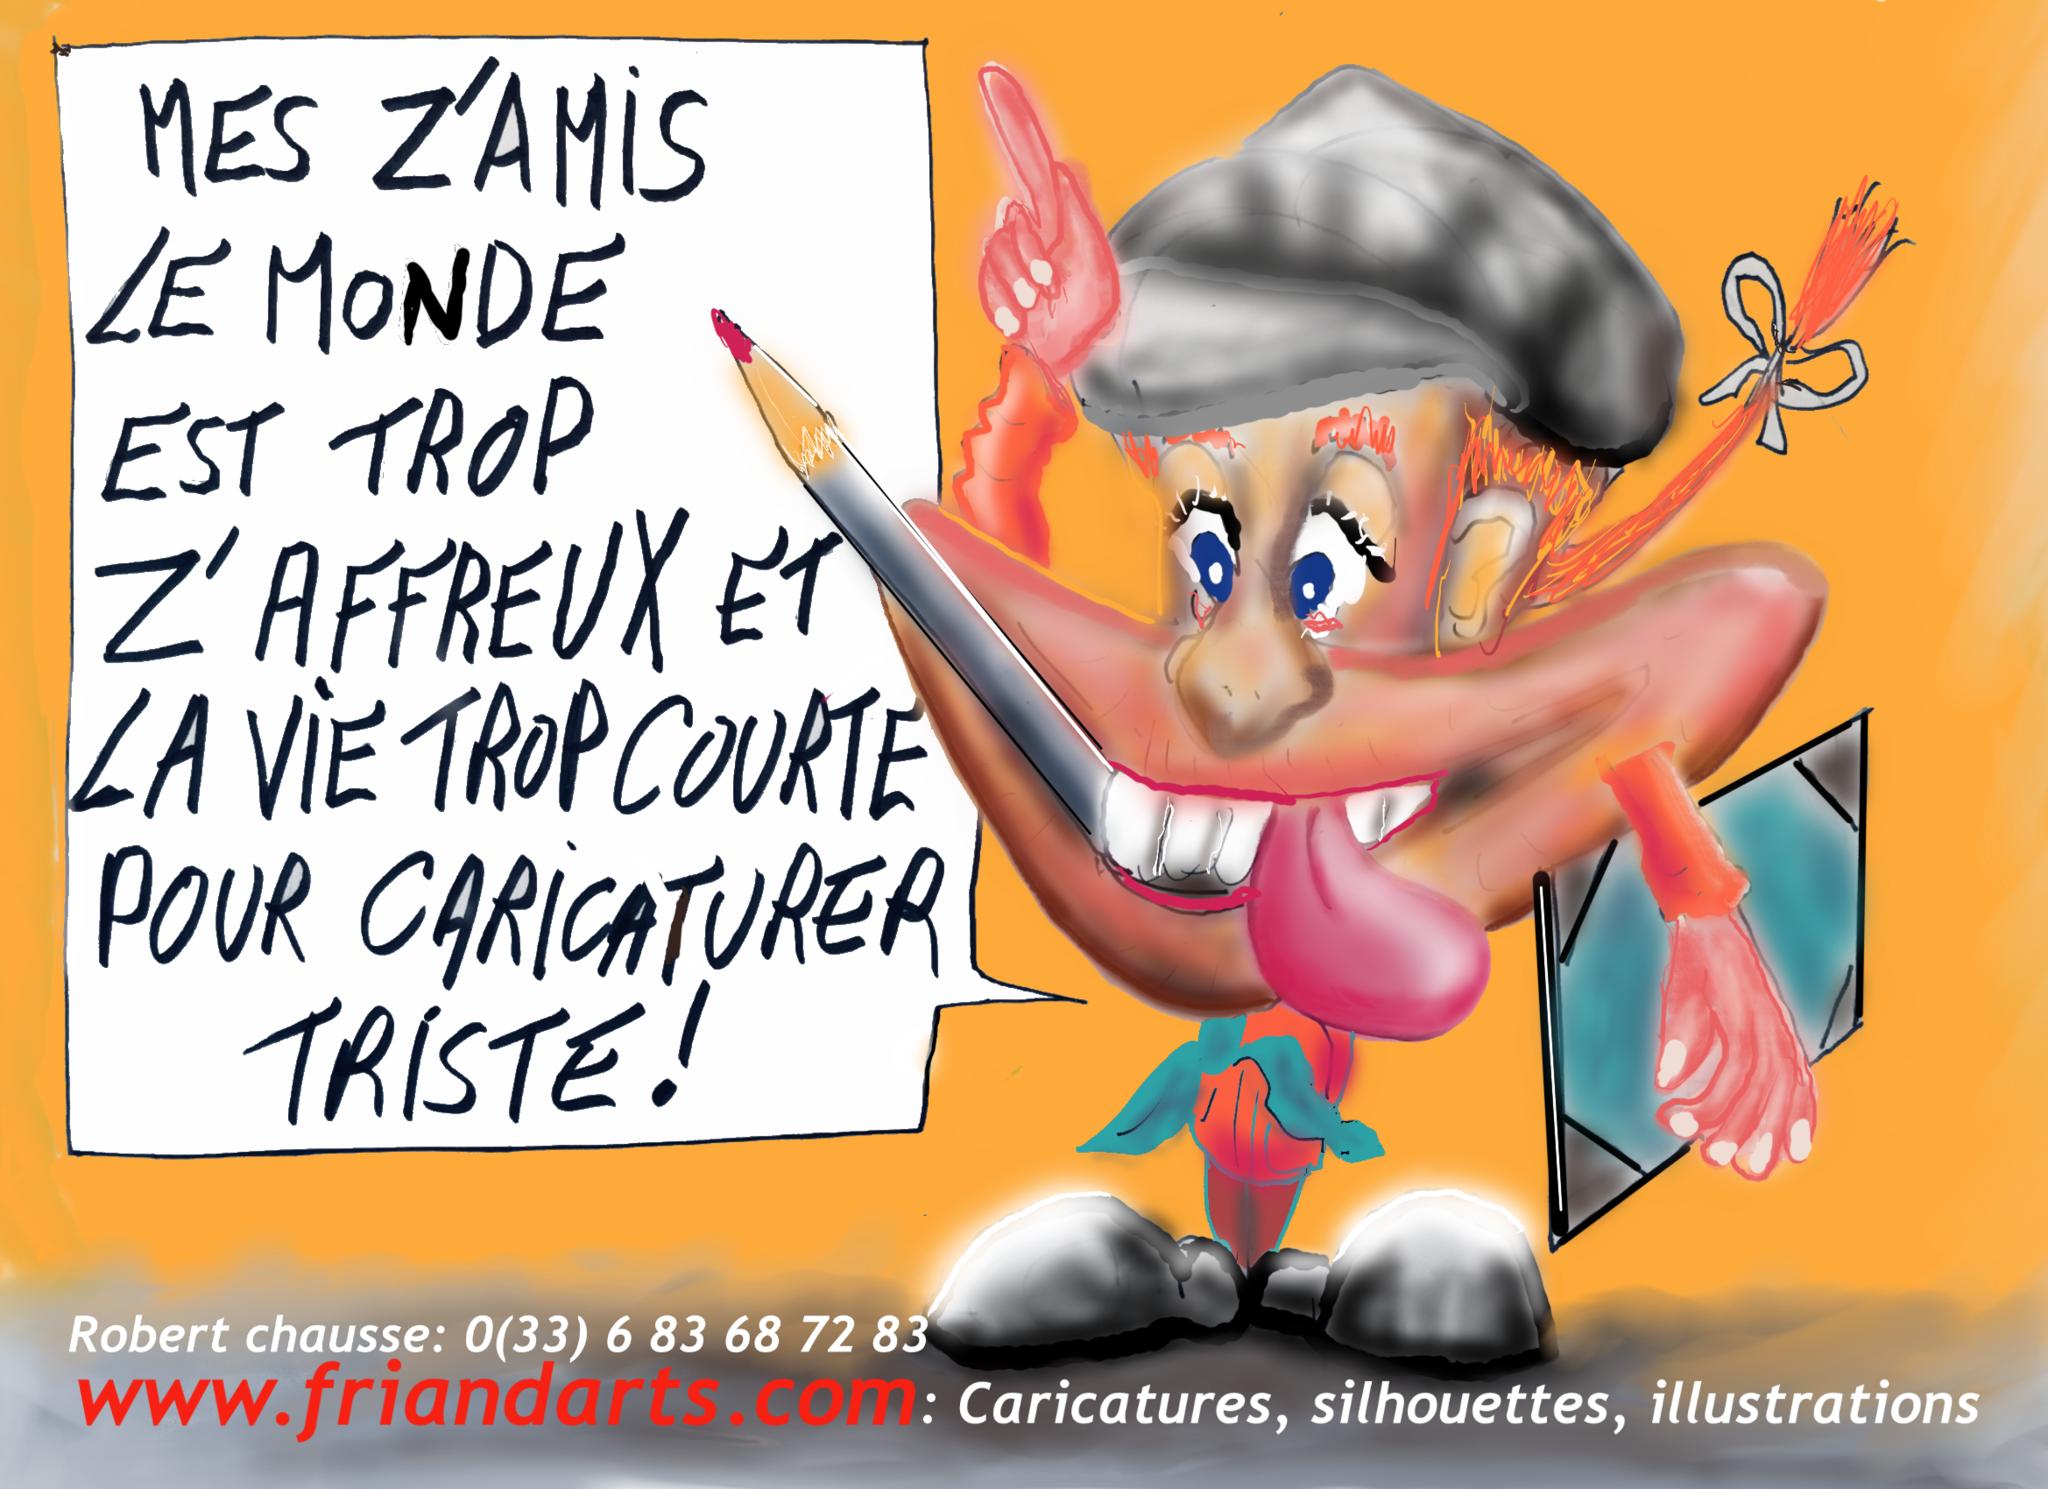 Mes Z'AMIS,la vie est trop courte et le Monde est trop Z'AFFREUX pour caricaturer triste!